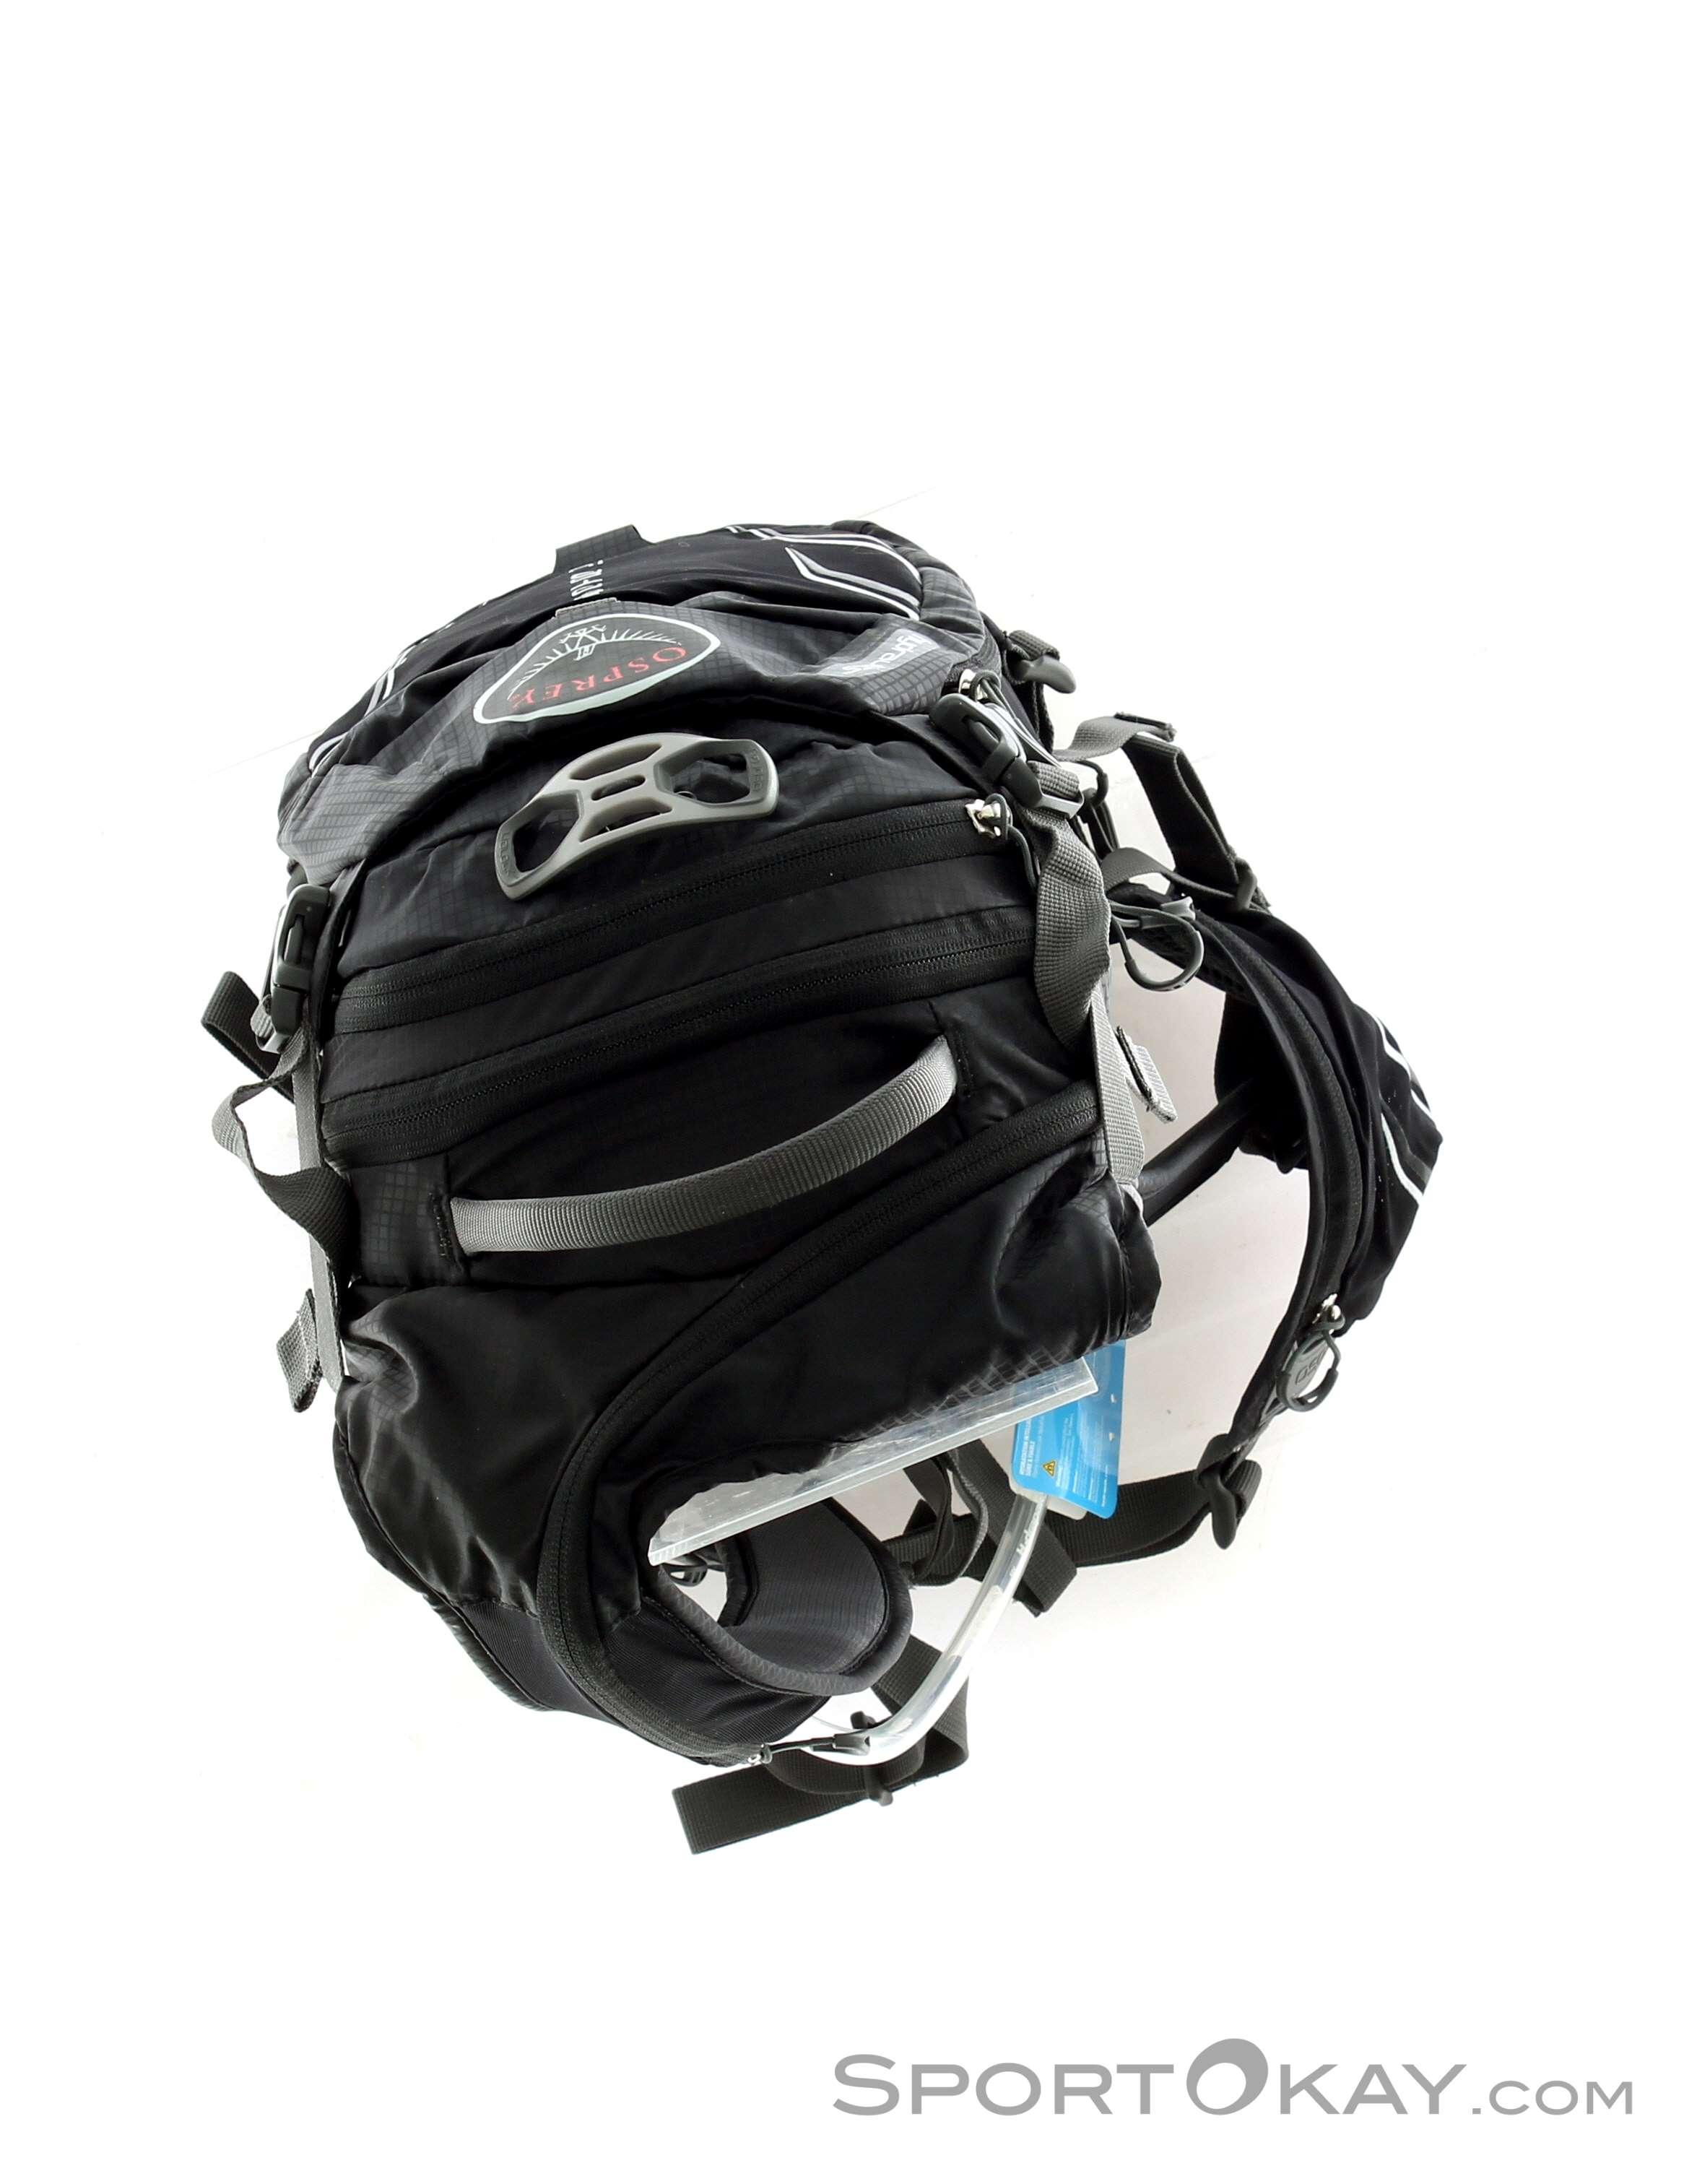 osprey raptor 14l bikerucksack mit trinksystem rucks cke. Black Bedroom Furniture Sets. Home Design Ideas